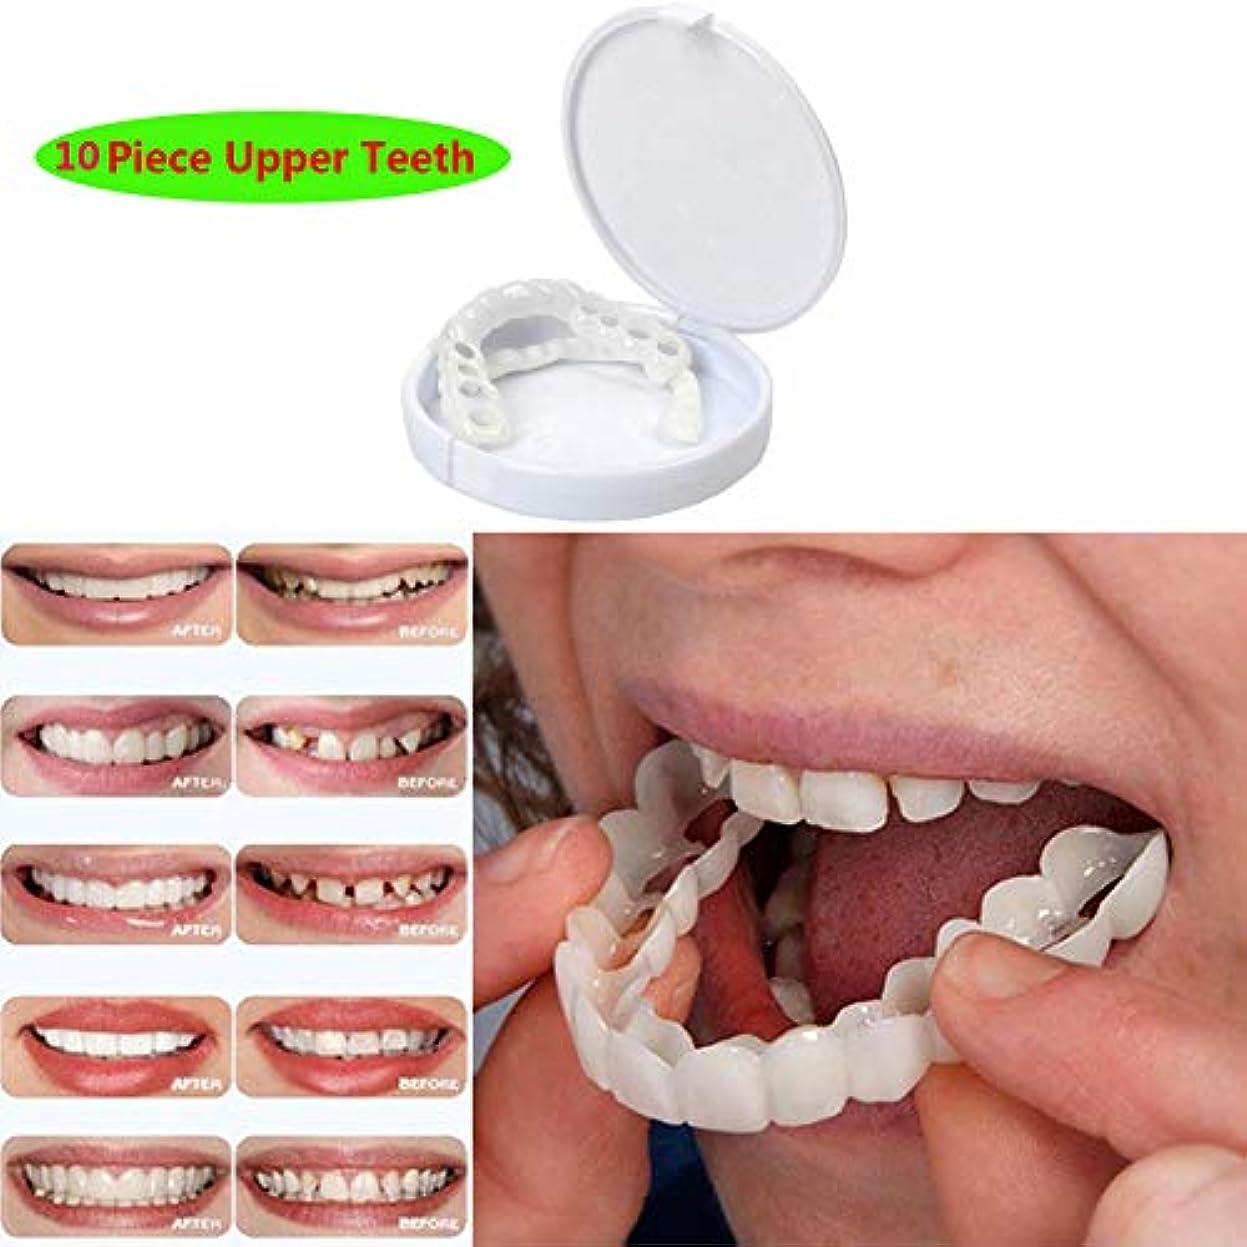 ナサニエル区アプライアンス居住者10枚の一時的な化粧品の歯入れ歯の歯の化粧品のシミュレーションの上部の袖口、白くなる歯のスナップの帽子の即刻の慰めの柔らかい完全なベニヤ